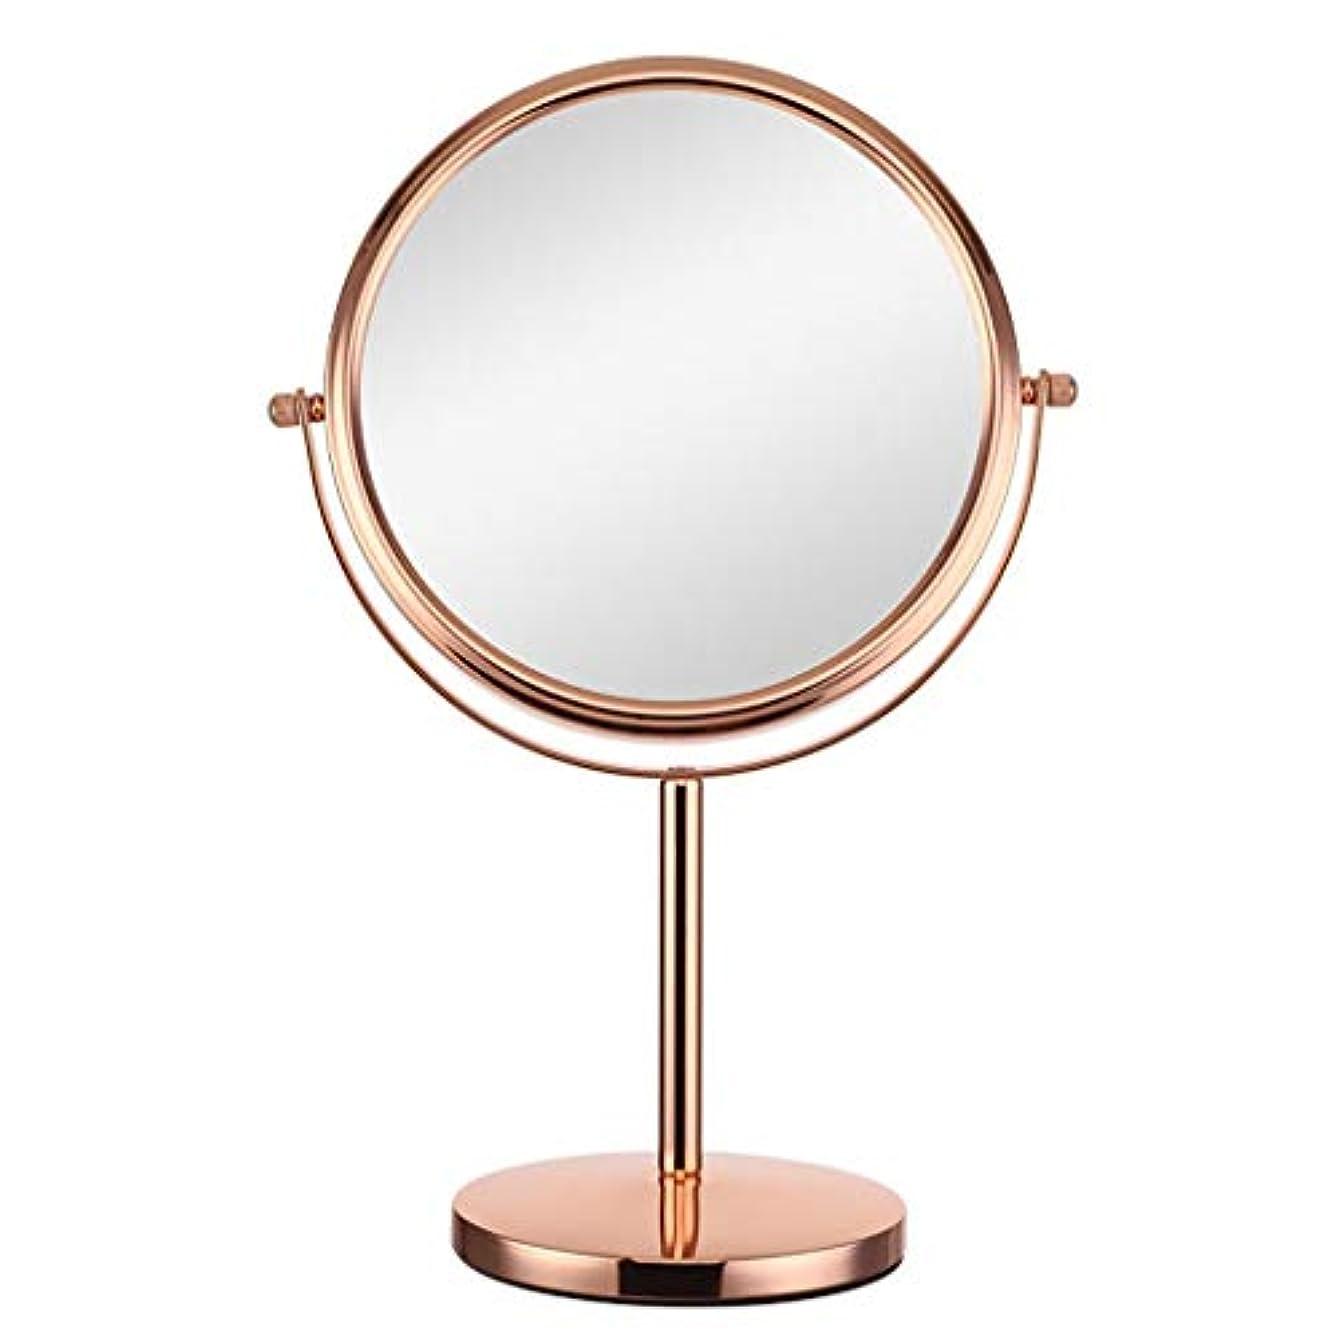 不毛の貢献するキリスト教カウンタートップバニティミラー 360°回転卓上化粧鏡両面滑り止め台座スタンド付き10倍拡大化粧鏡寝室または浴室で剃る (Color : Rose gold, Size : 8 inches 10X)